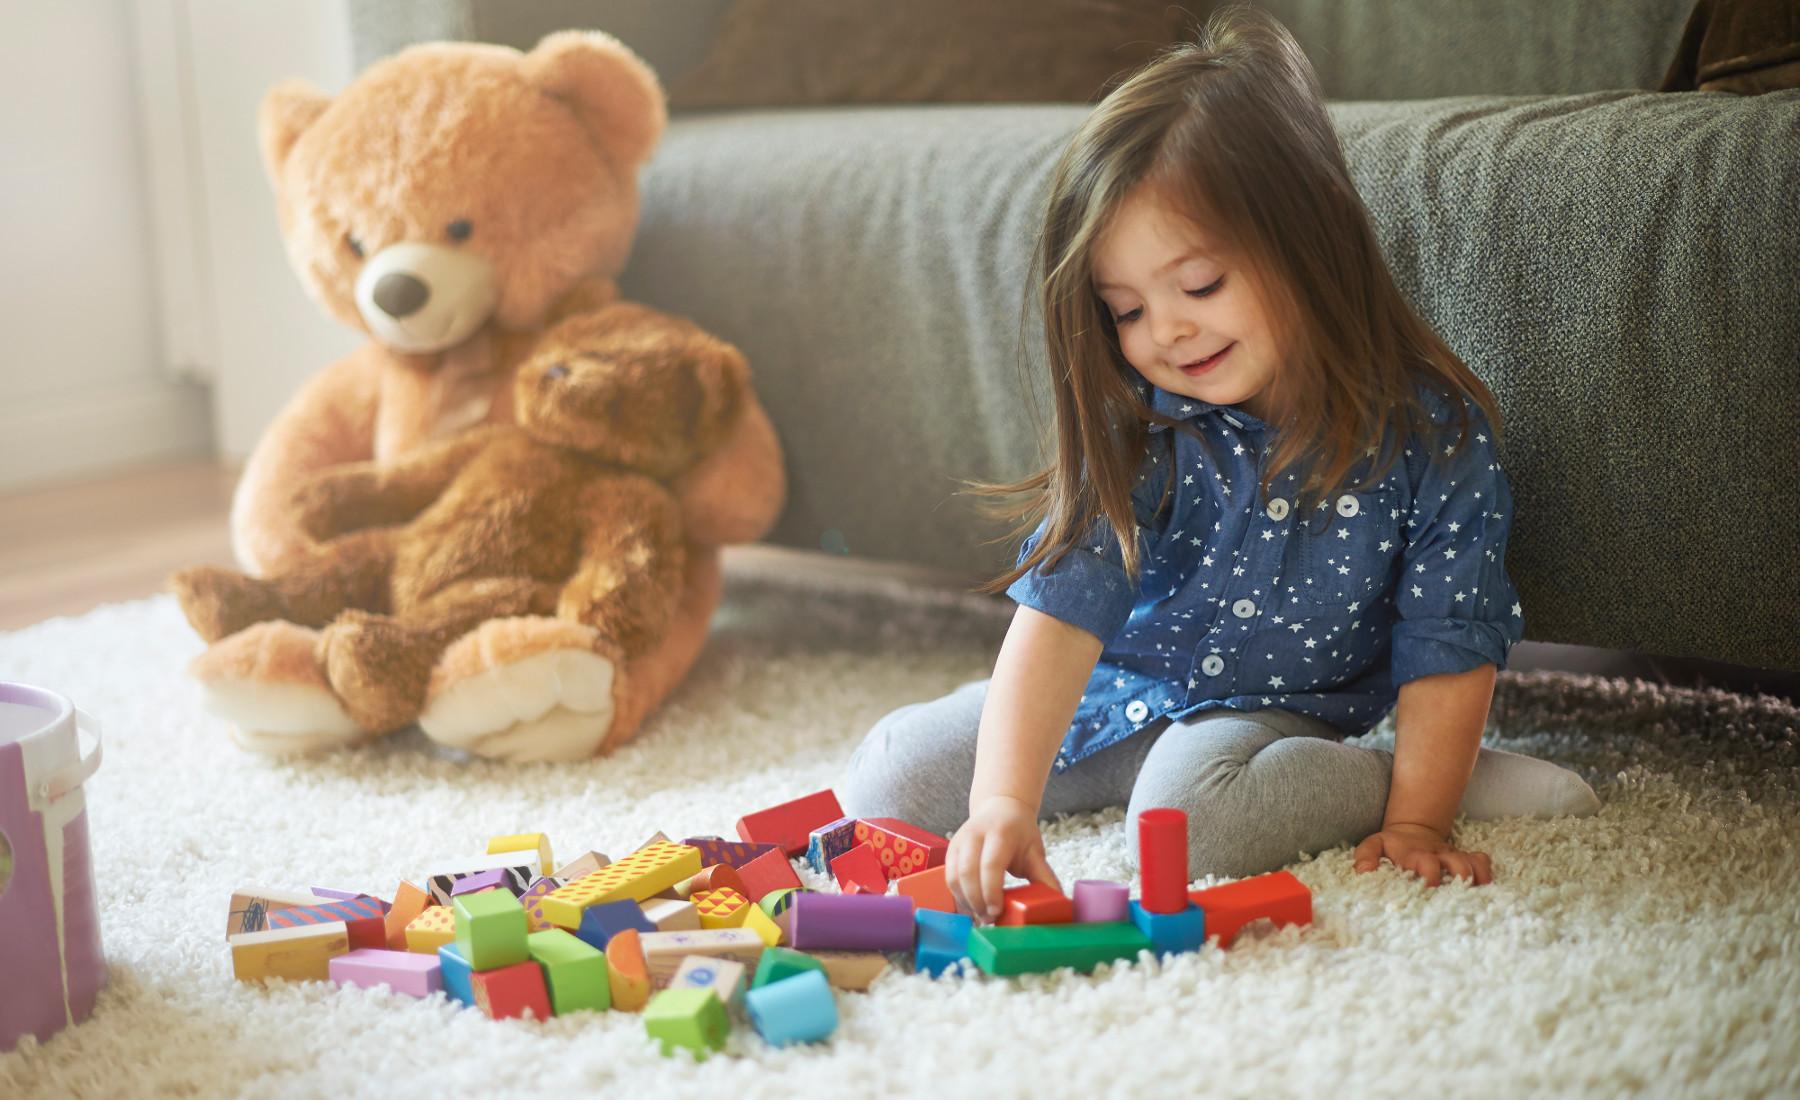 בחירת שטיח כשיש ילדים בבית